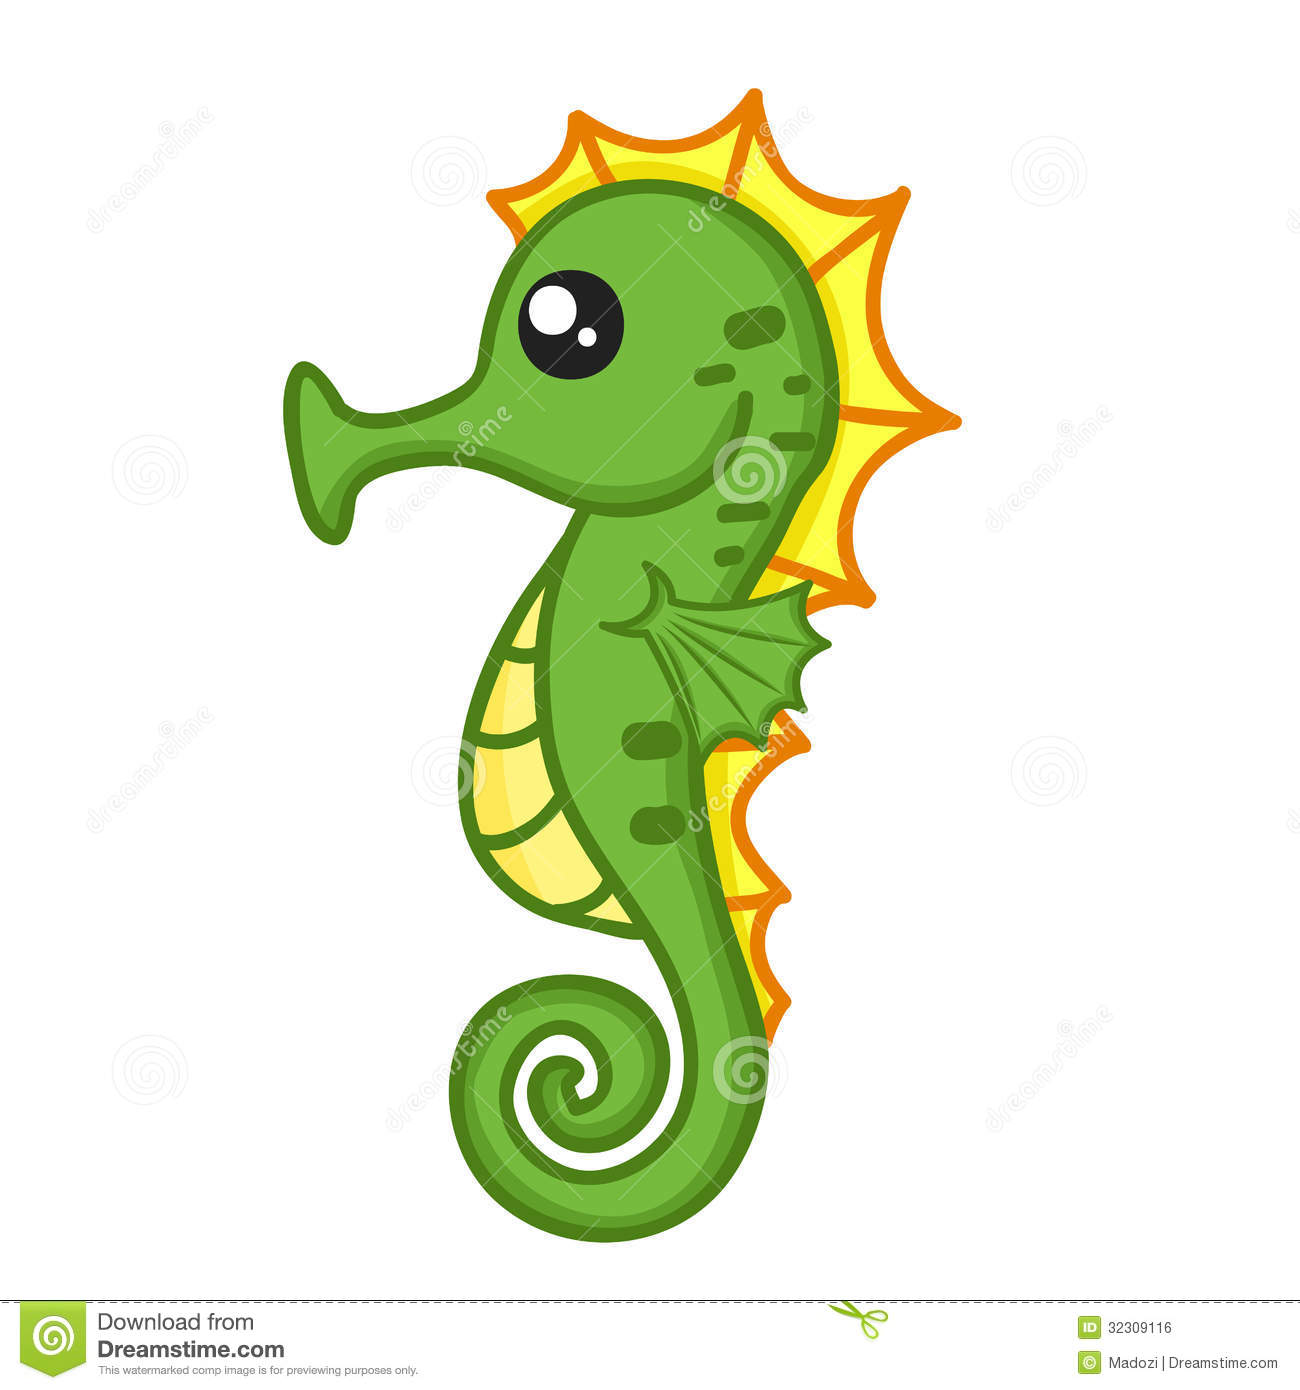 Seahorse Clipart - Clipart Kid